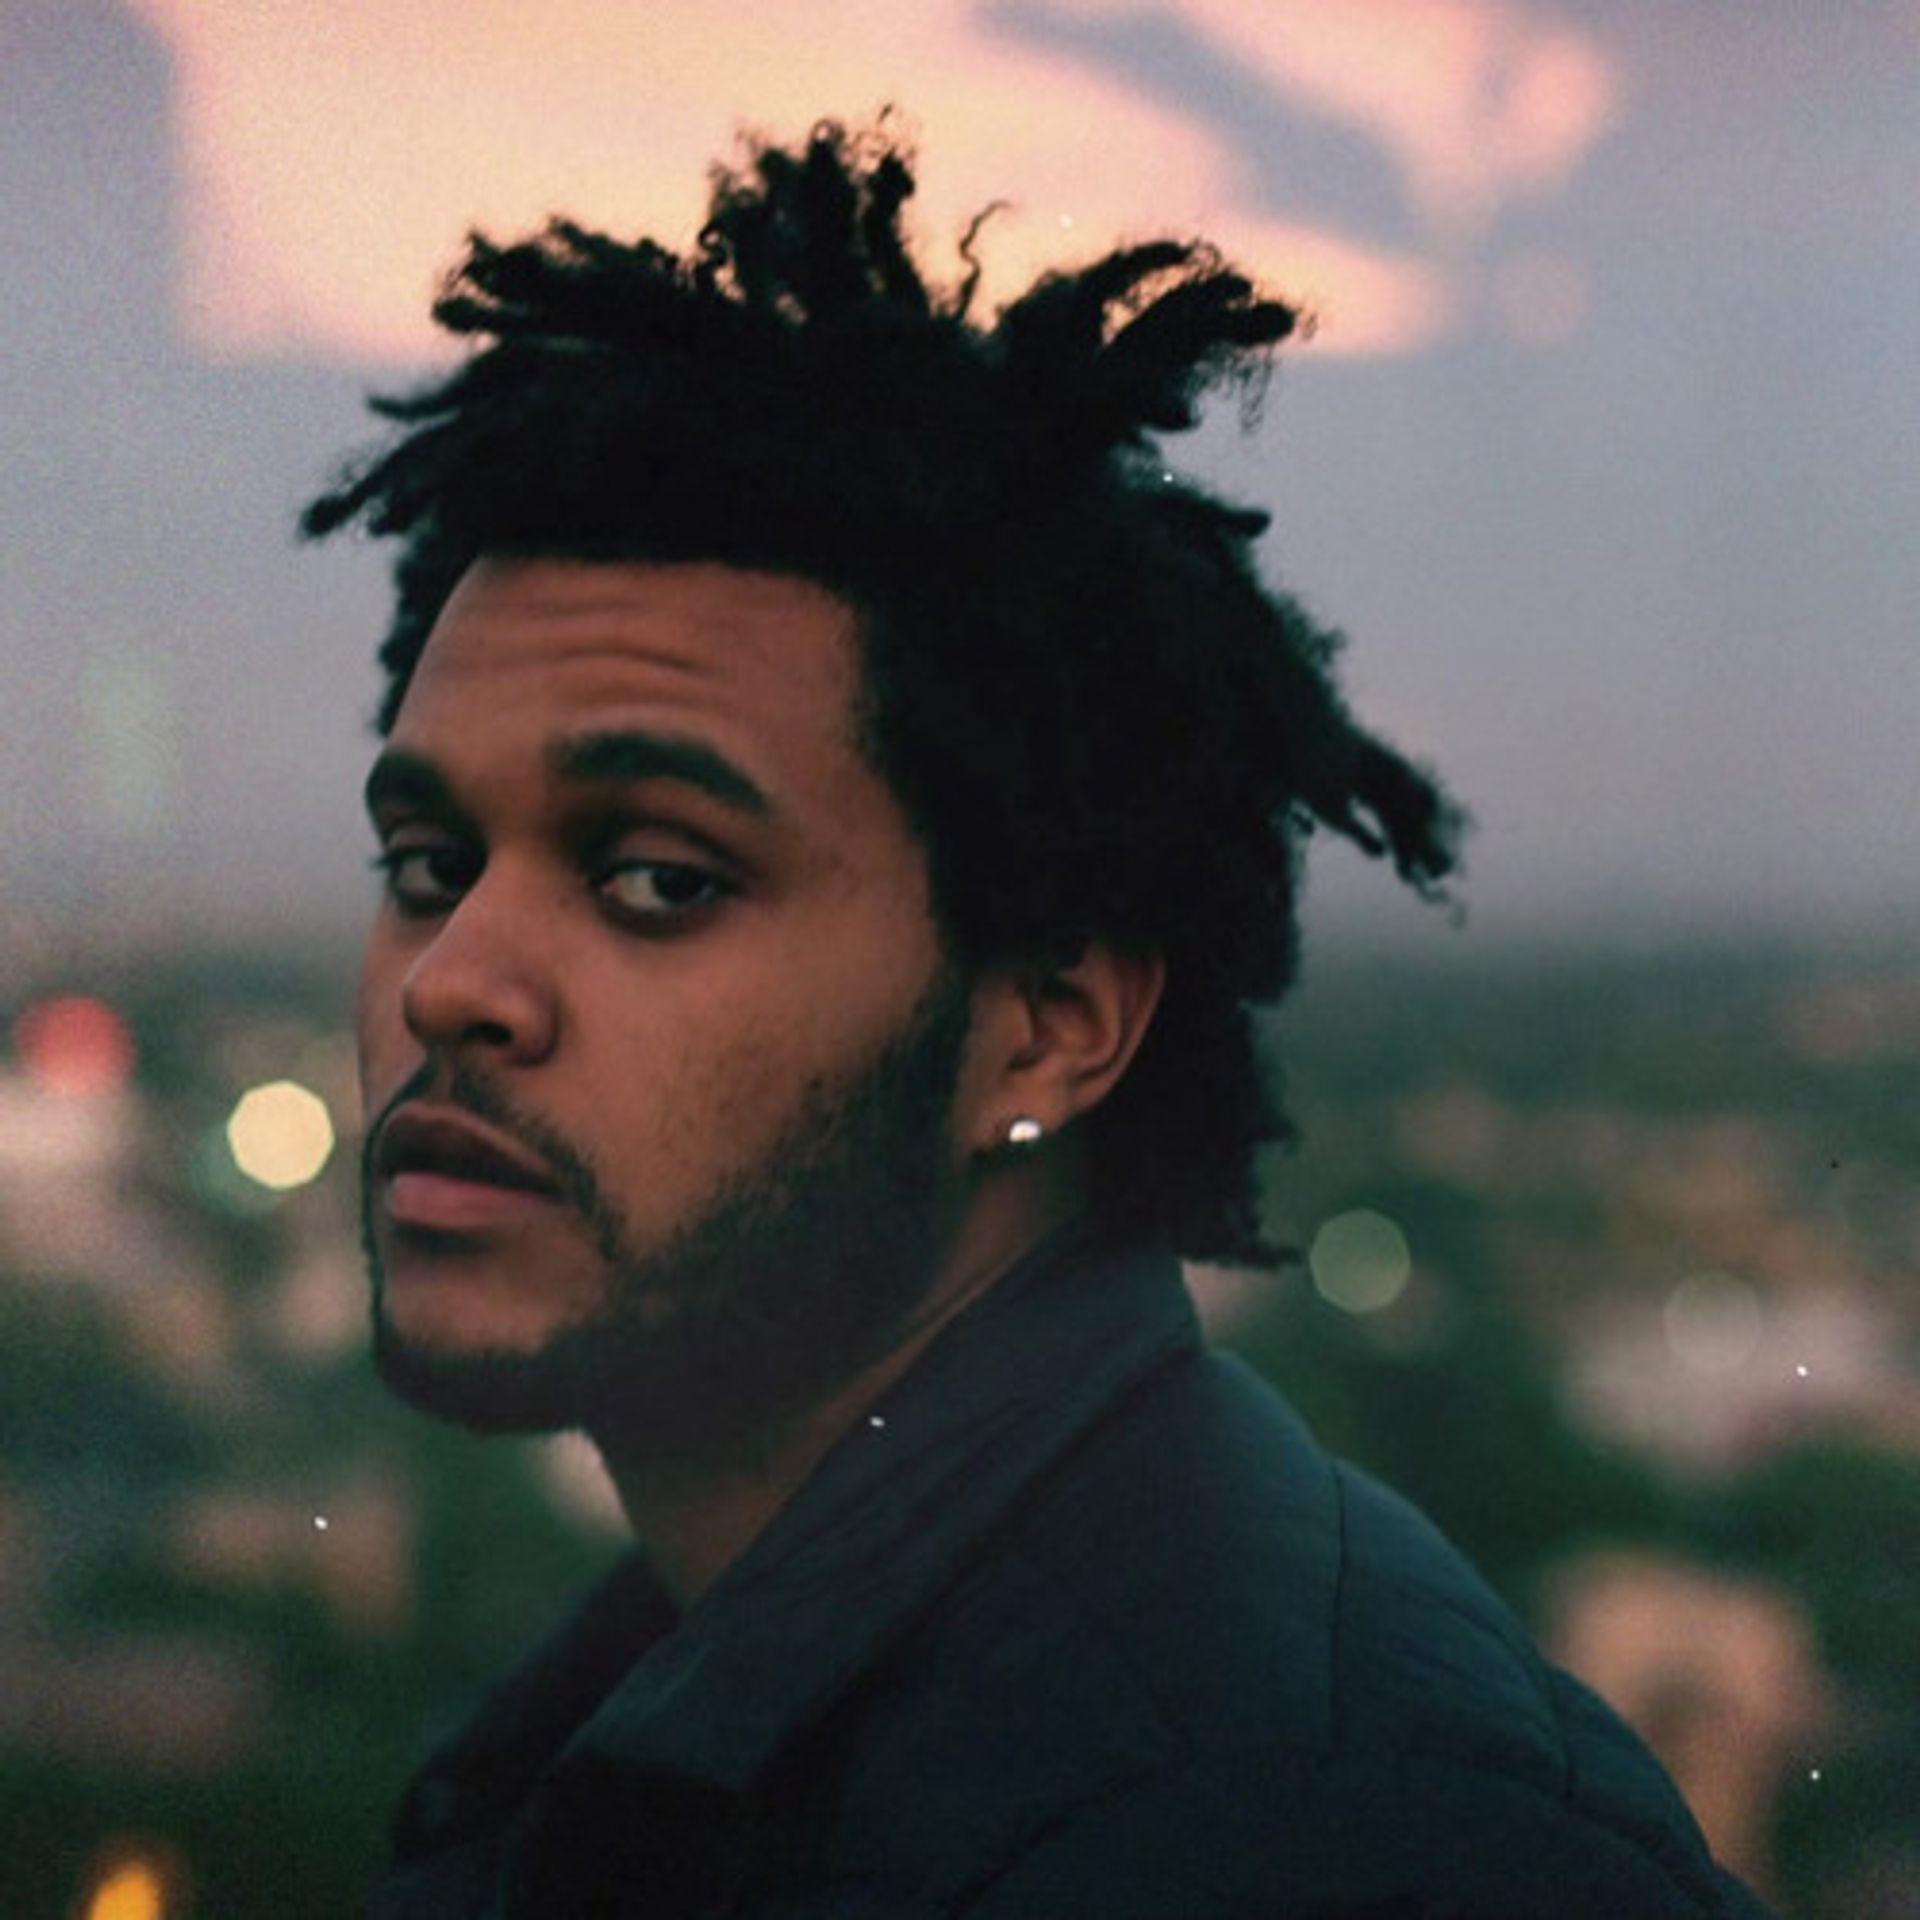 Max hoort het geluid van een tafel in Starboy van The Weeknd